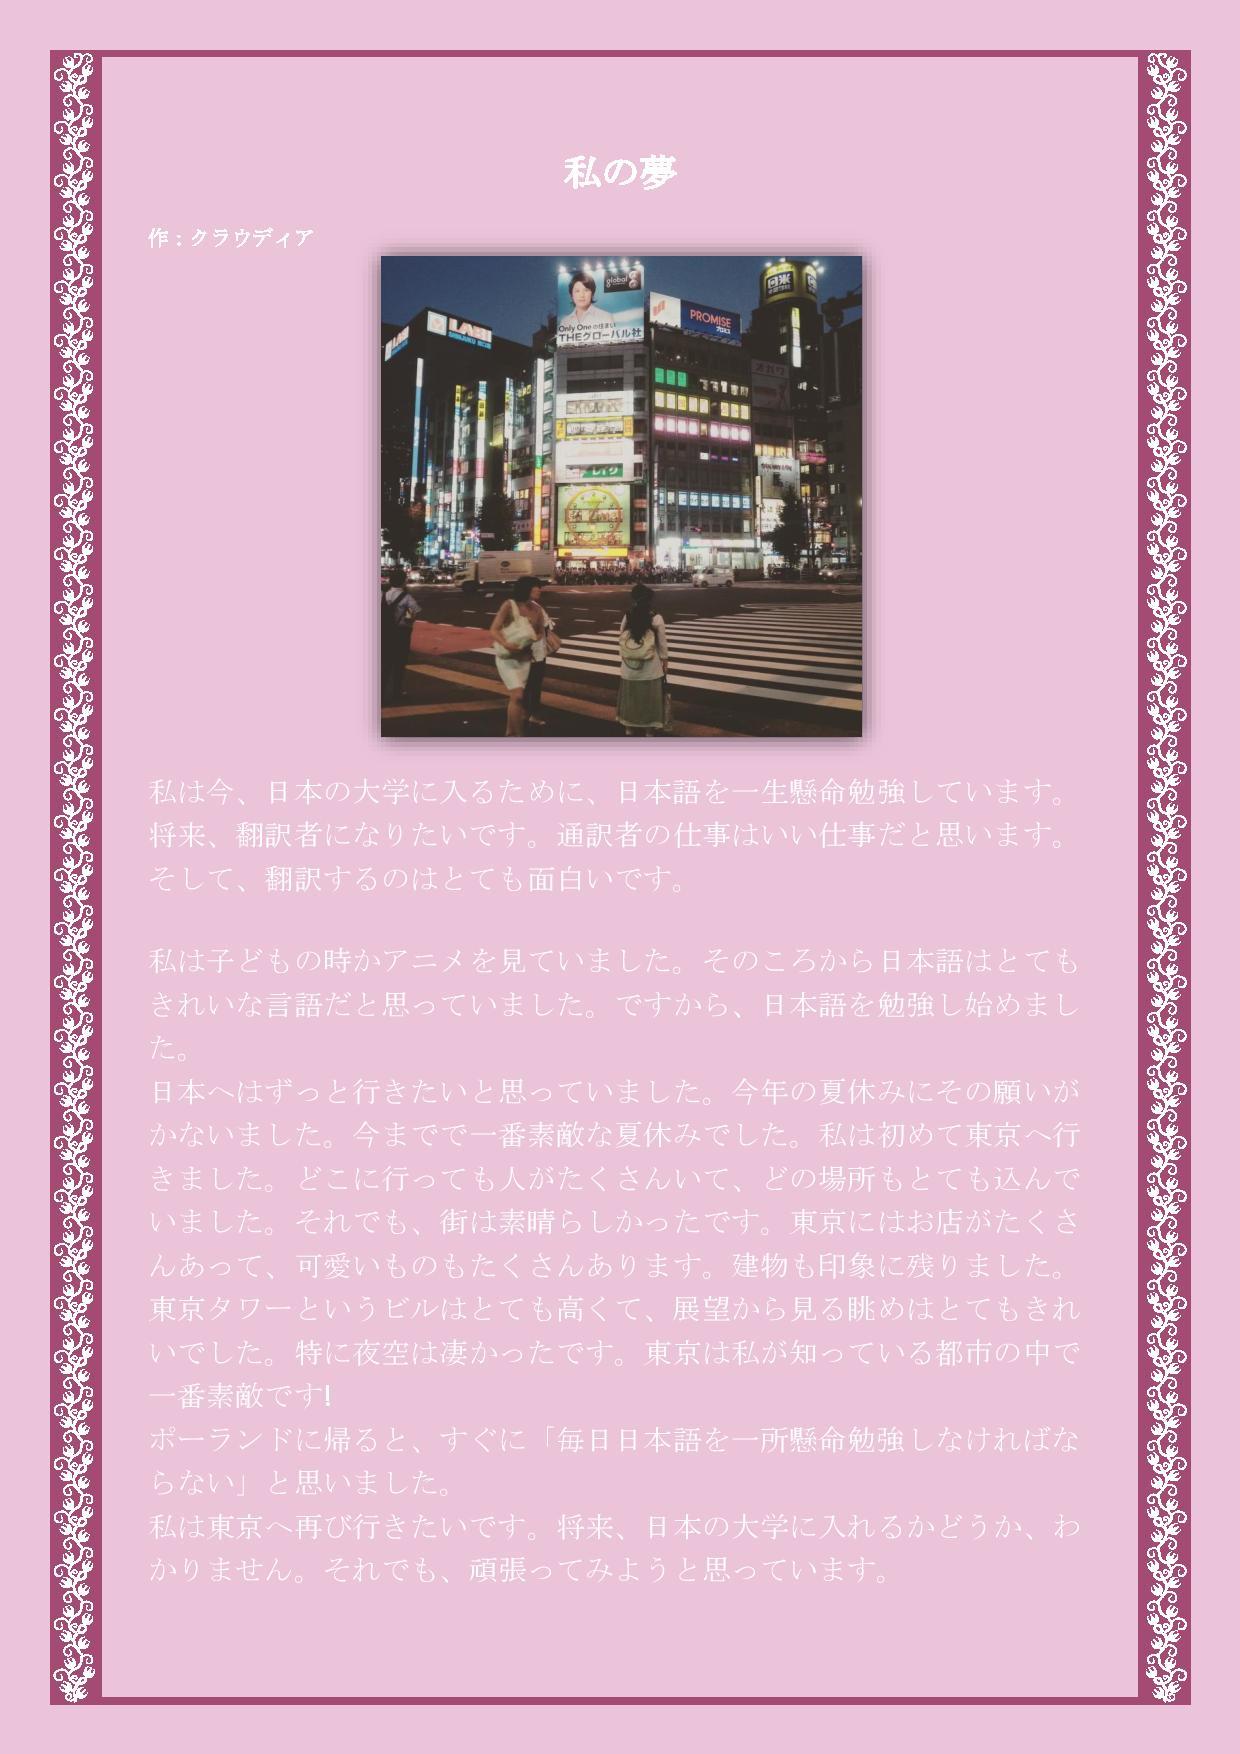 私の夢-page-001